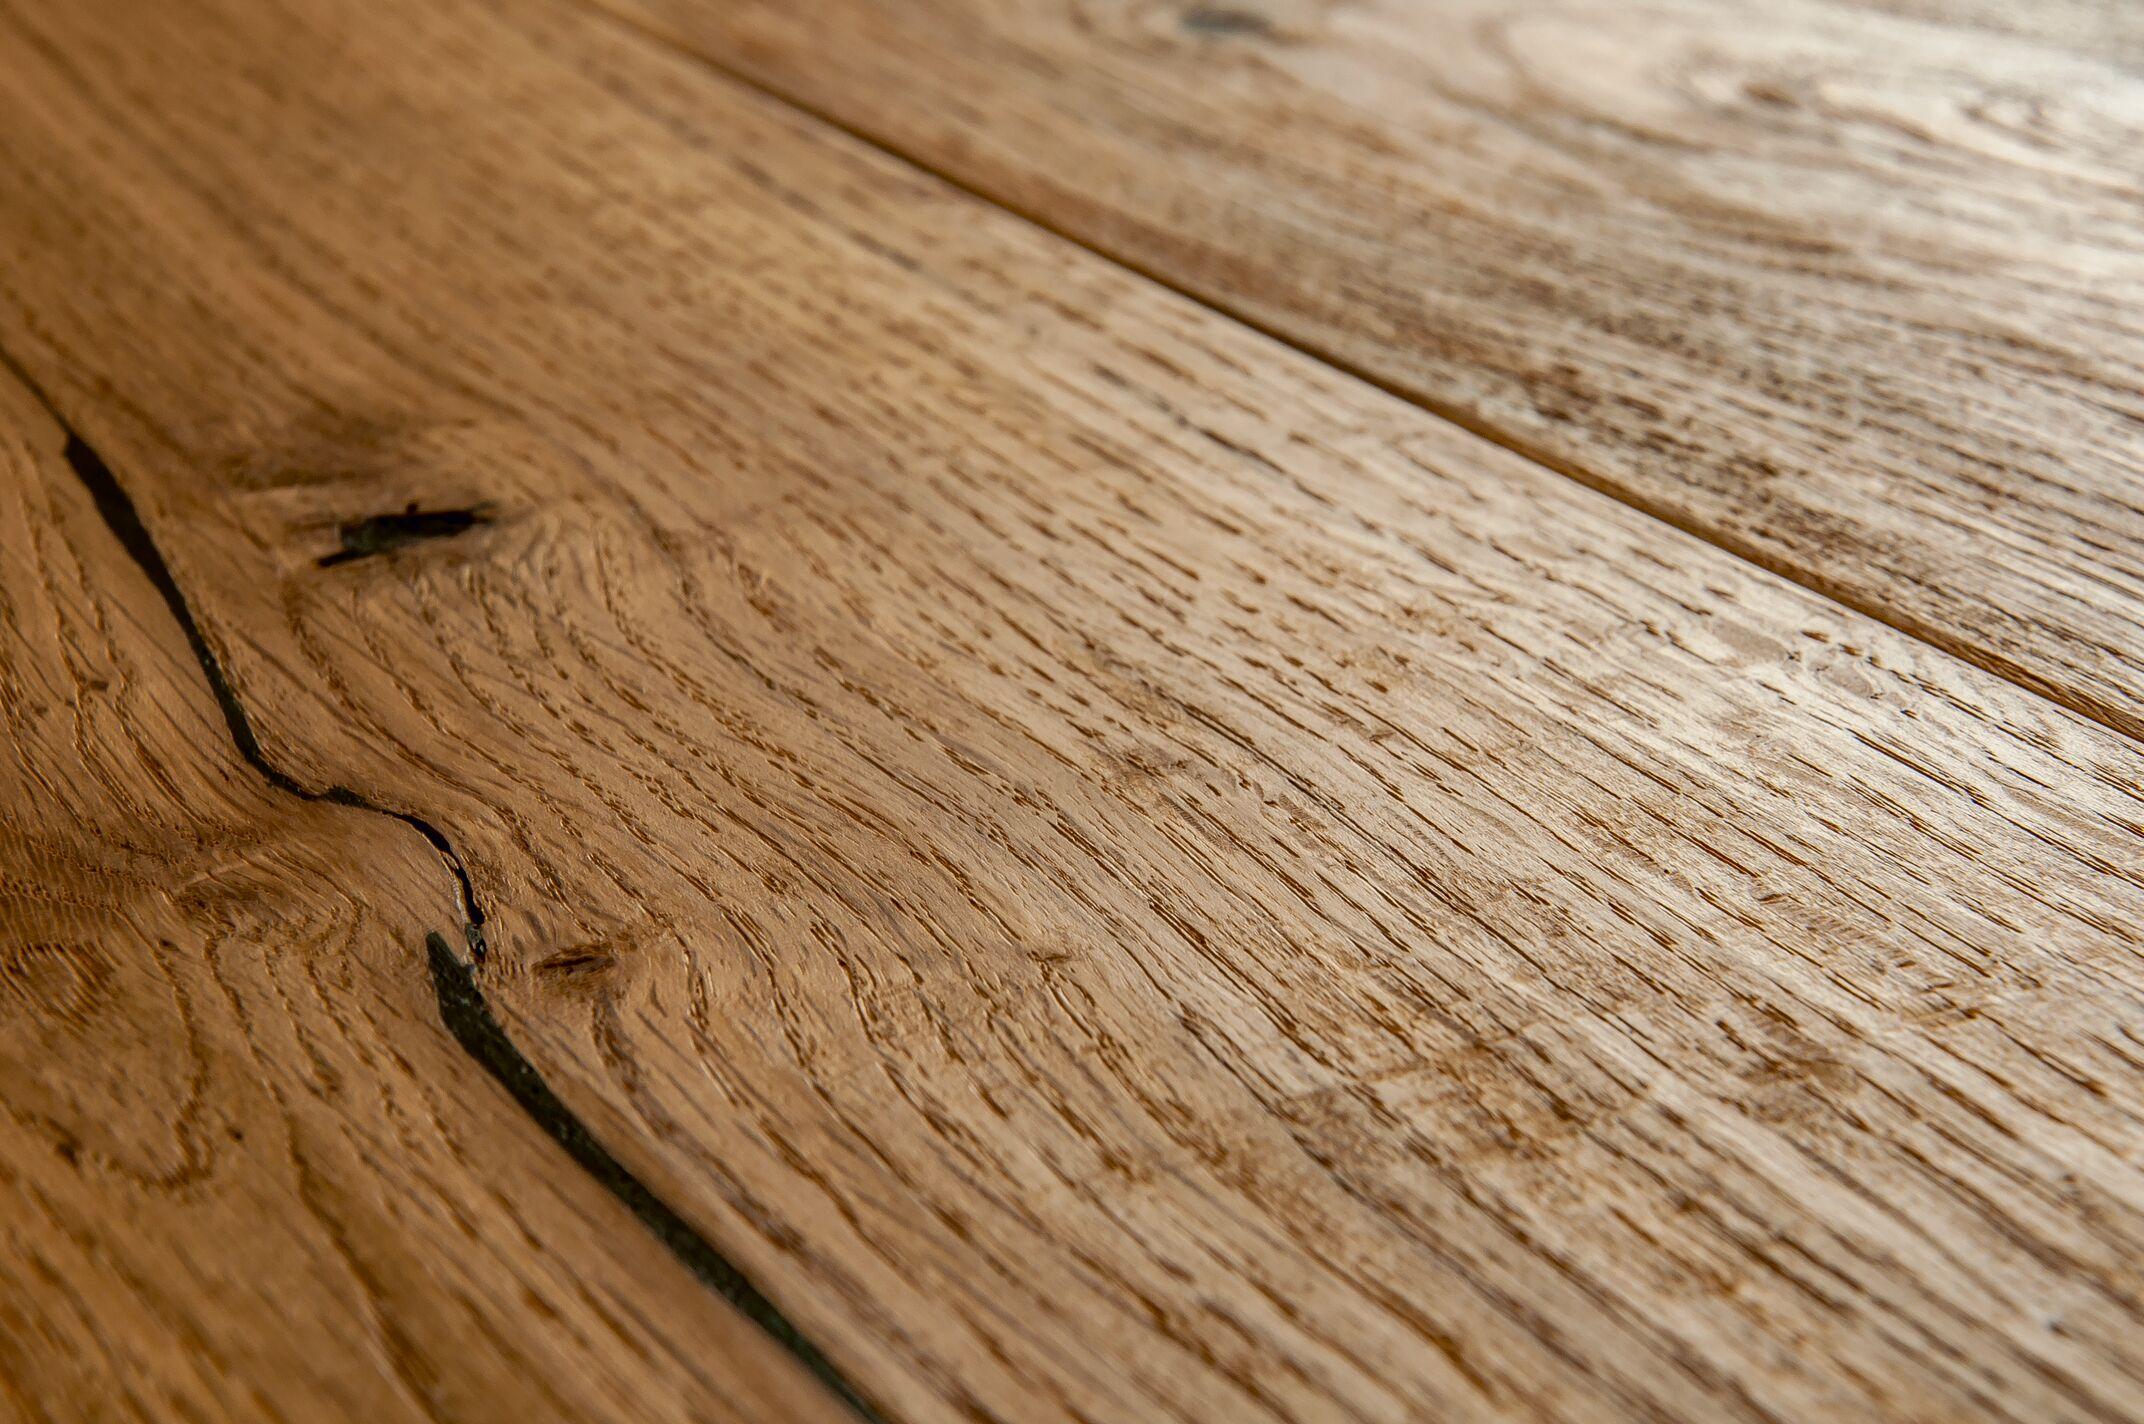 tarima-madera-natural-bennet-and-jones